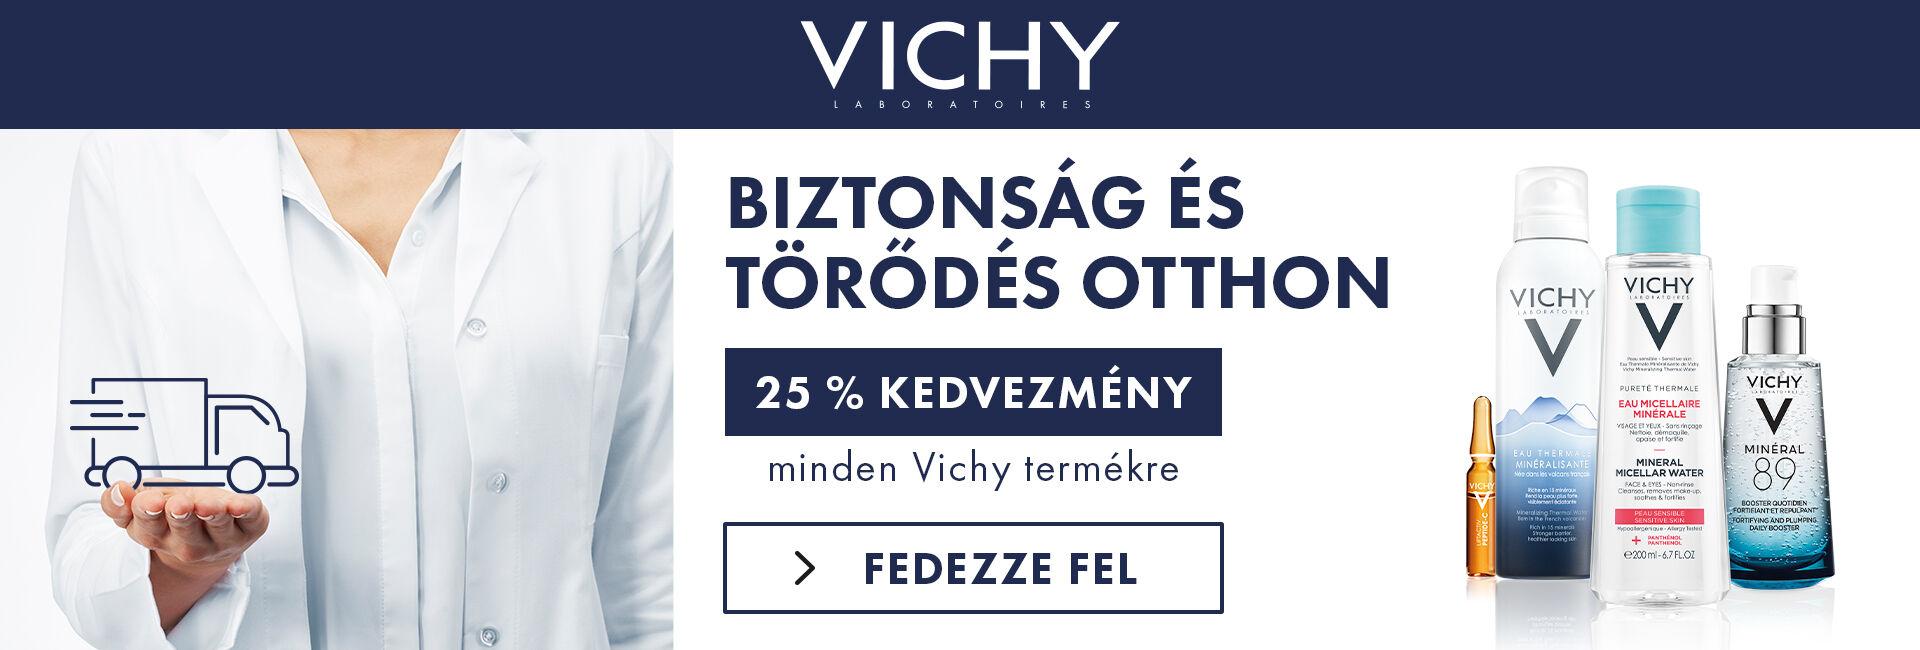 2020. március 23-30. között minden Vichy terméket 25% kedvezménnyel kínálunk!